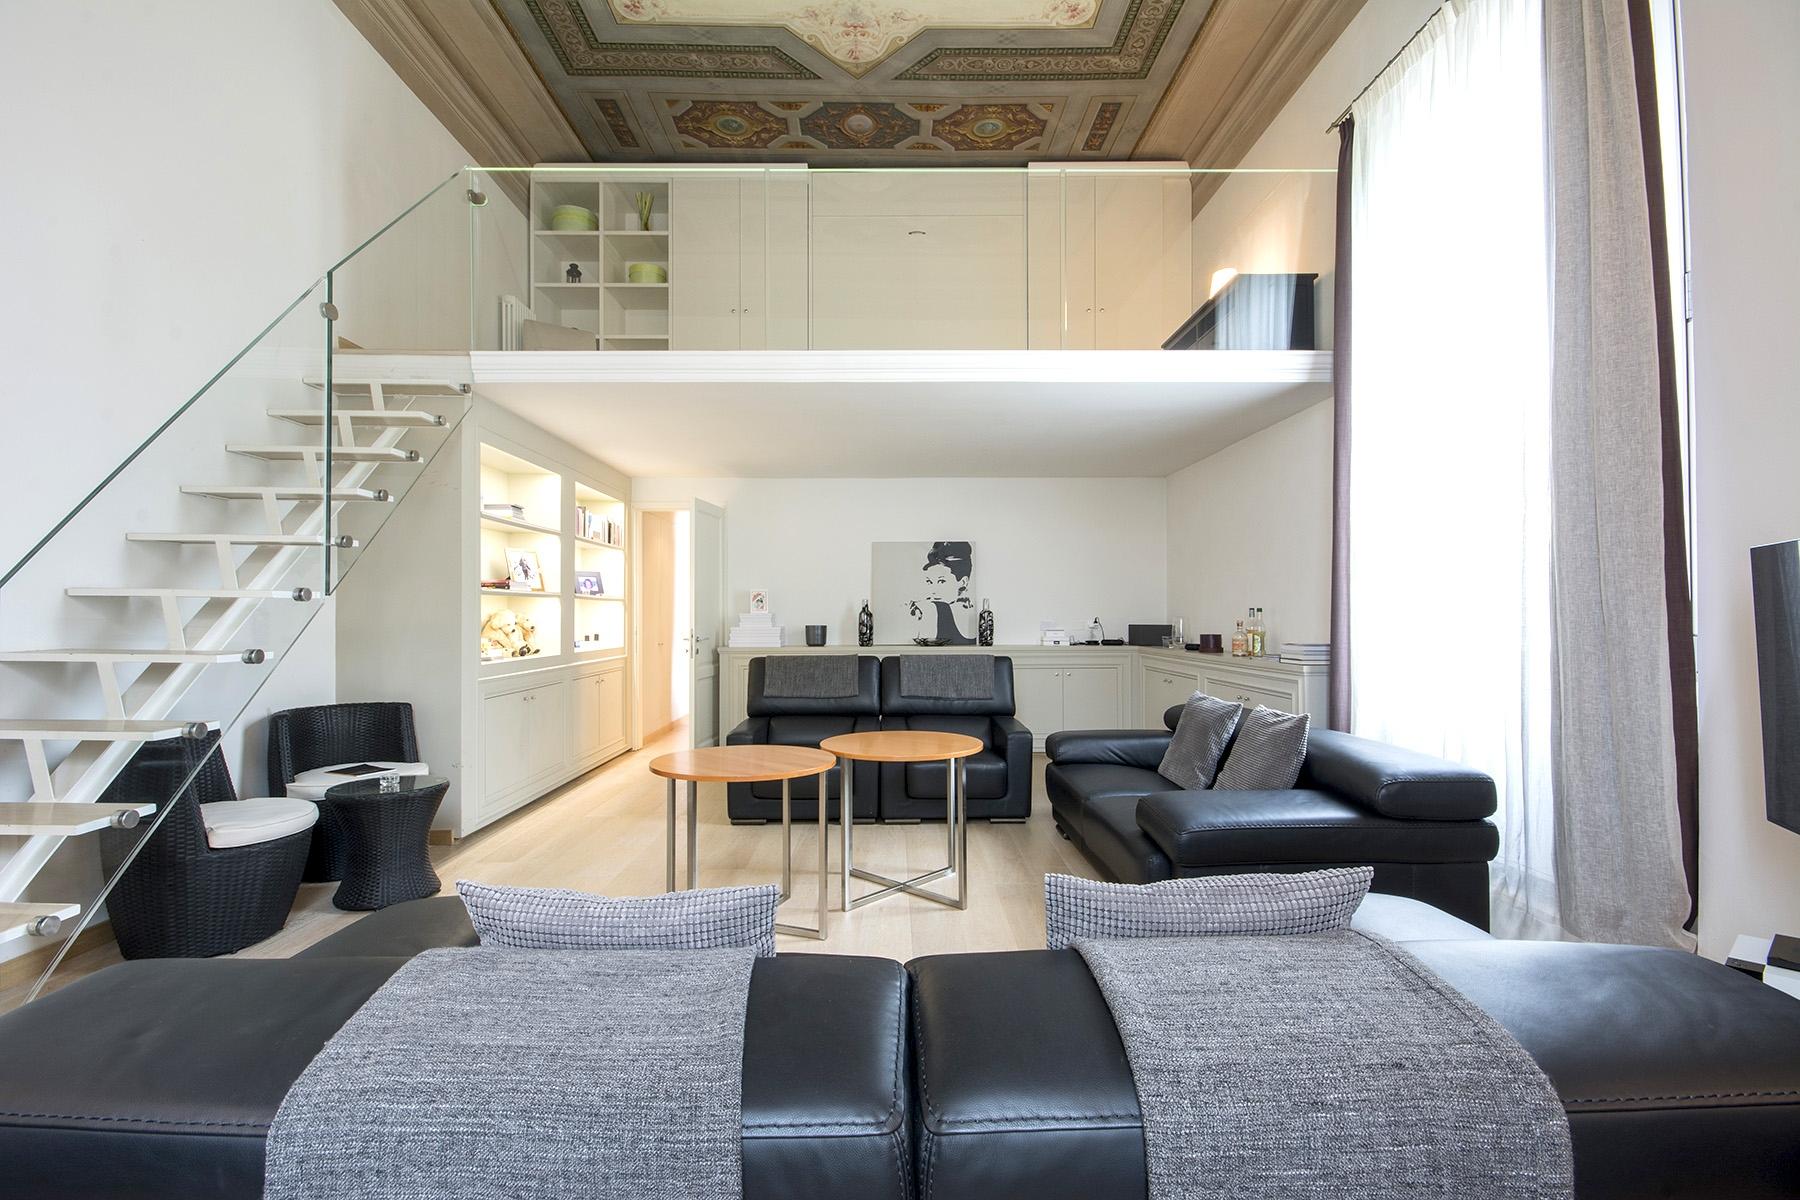 Immobili di lusso in vendita a Firenze  Trovocasa Pregio